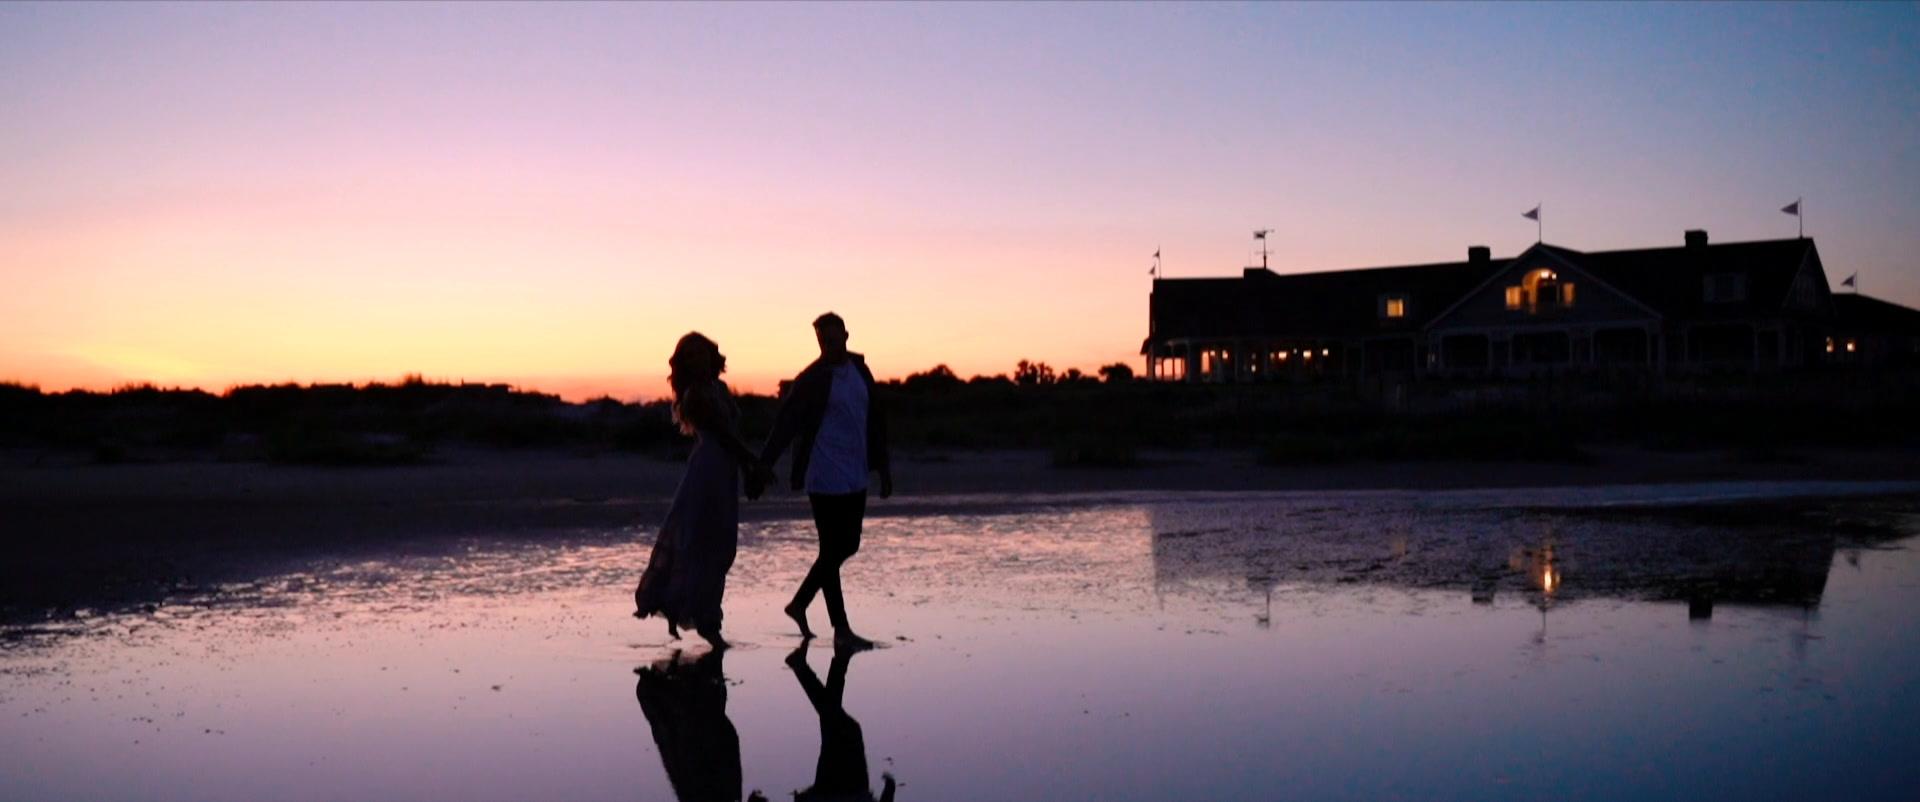 Laura + Jack | Kiawah Island, South Carolina | a beach